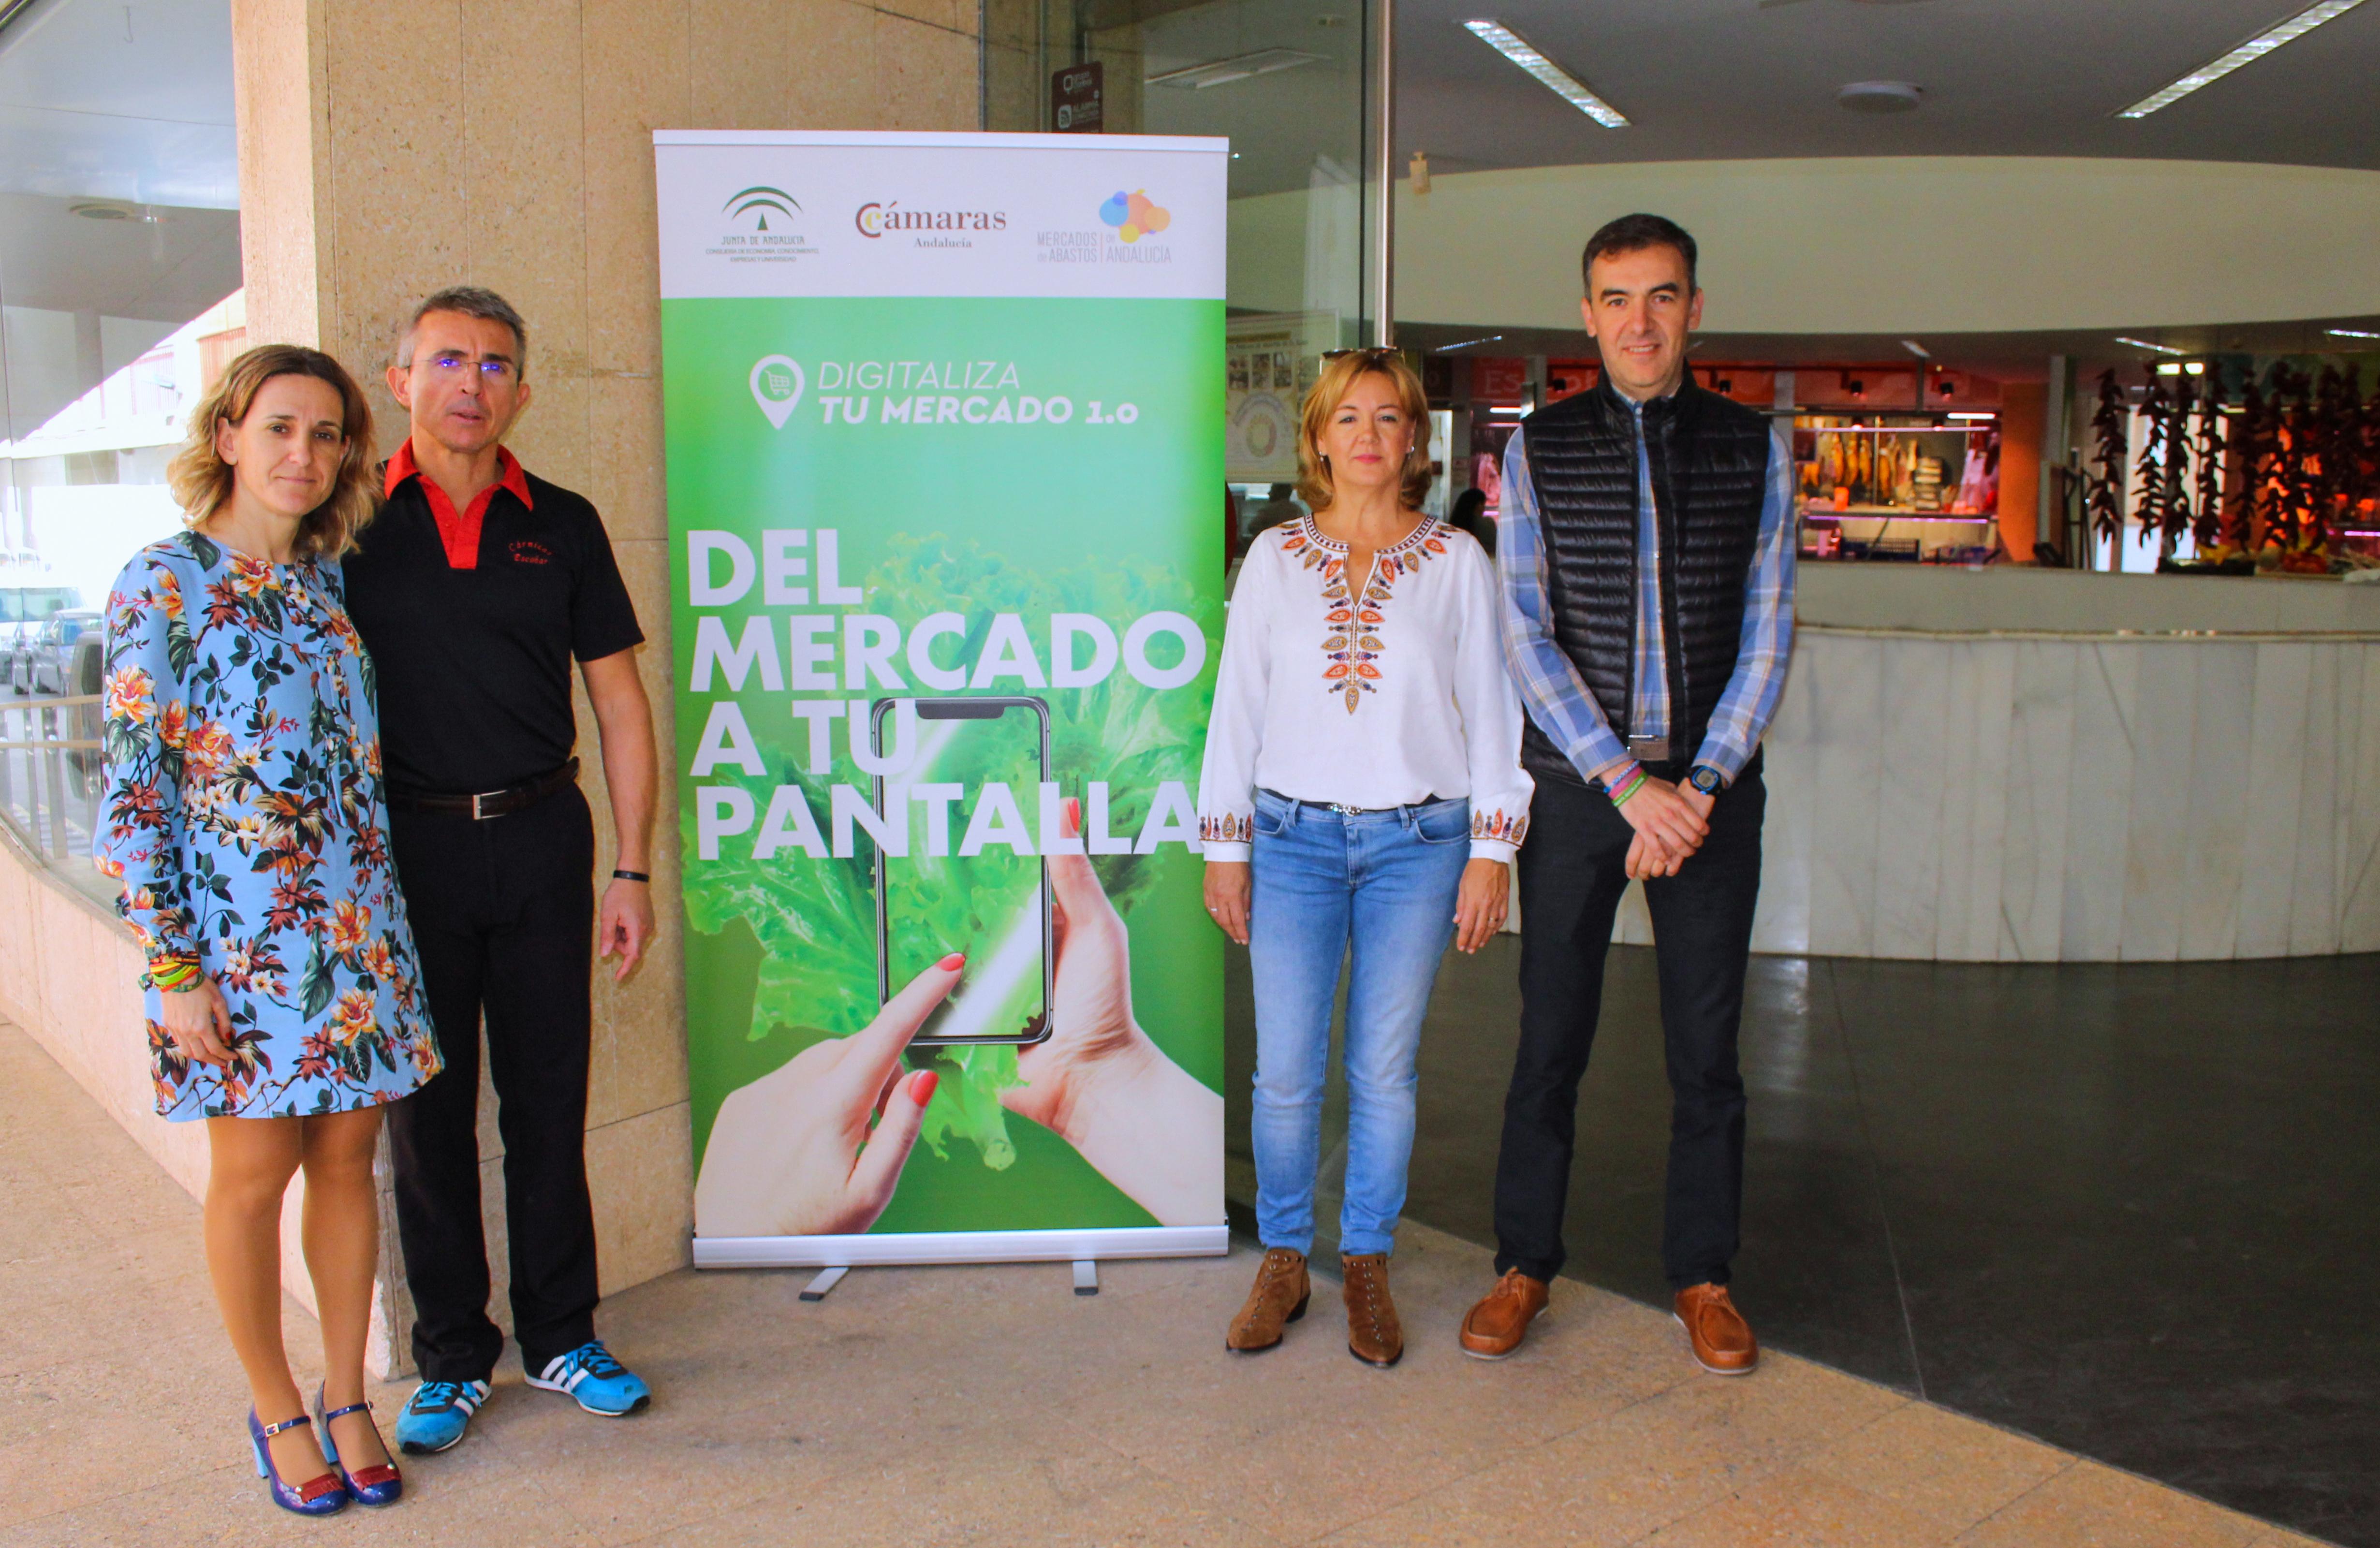 Ayuntamiento, comerciantes y Junta ya trabajaban en el proyecto de adaptación del Mercado de Abastos de El Ejido a las nuevas tecnologías